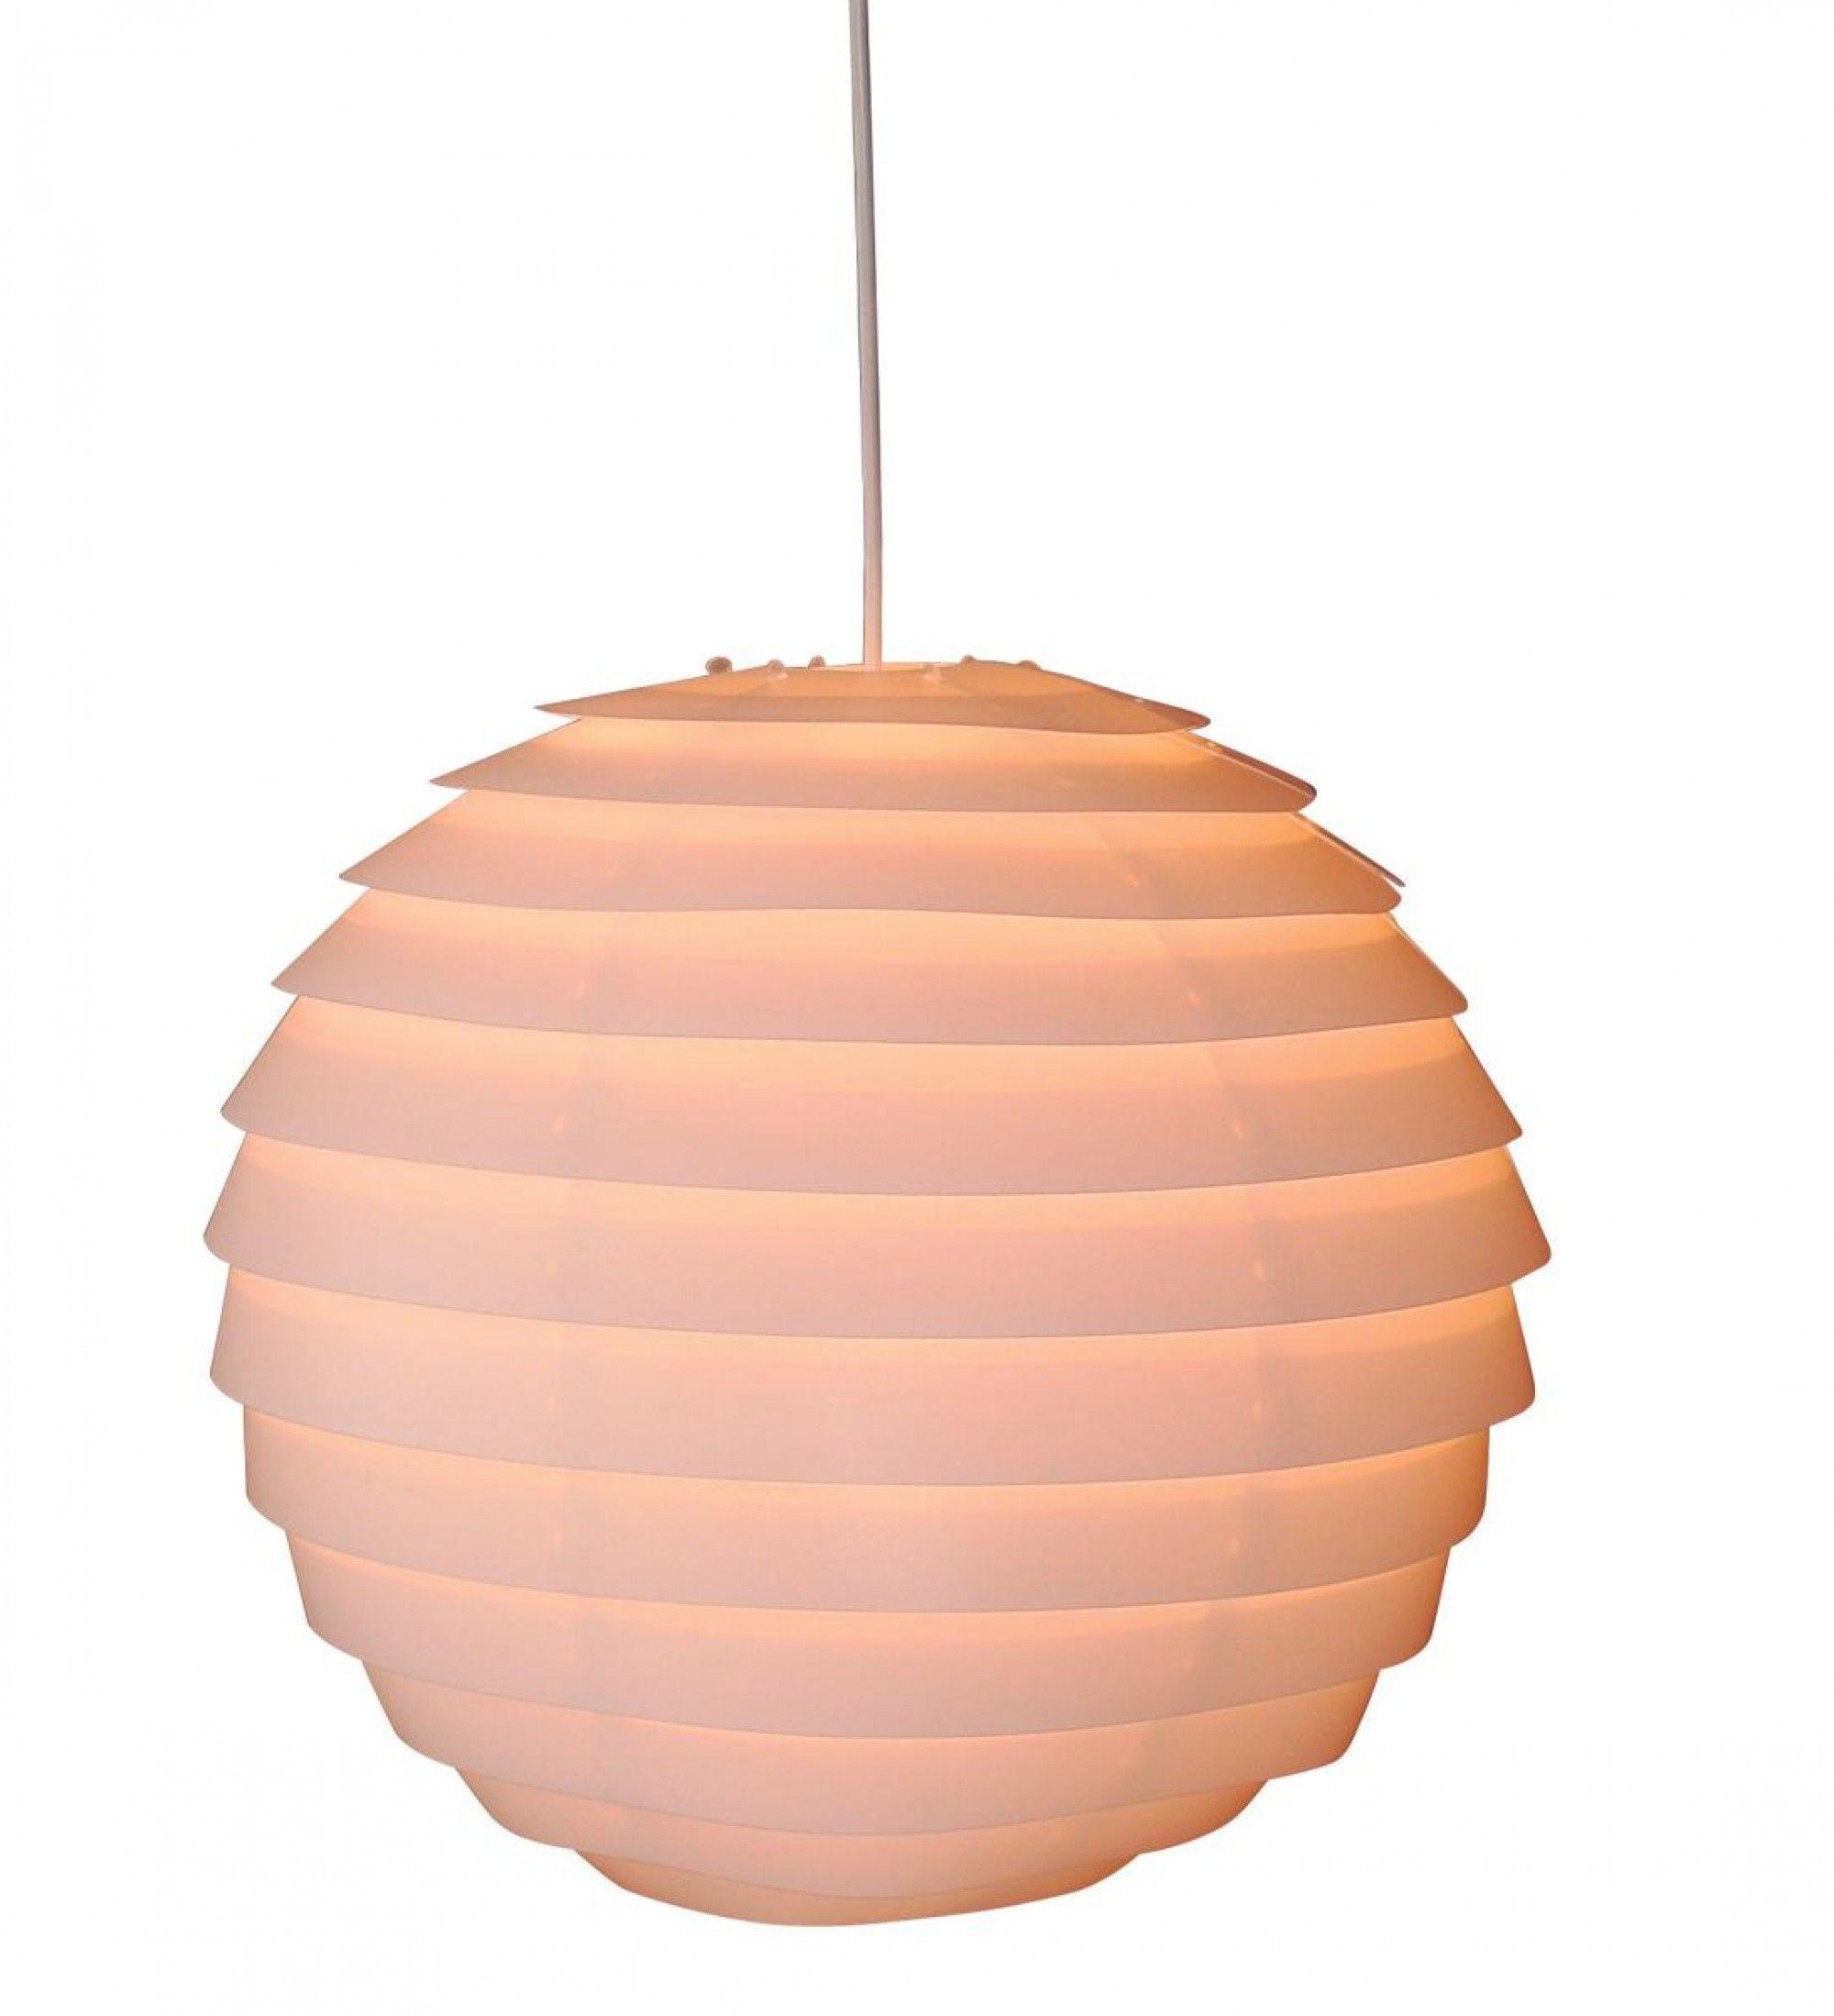 Pendelleuchte Rund Kunststoff Weiss Lampen Online Poco Lampen Online Pendelleuchte Lampen